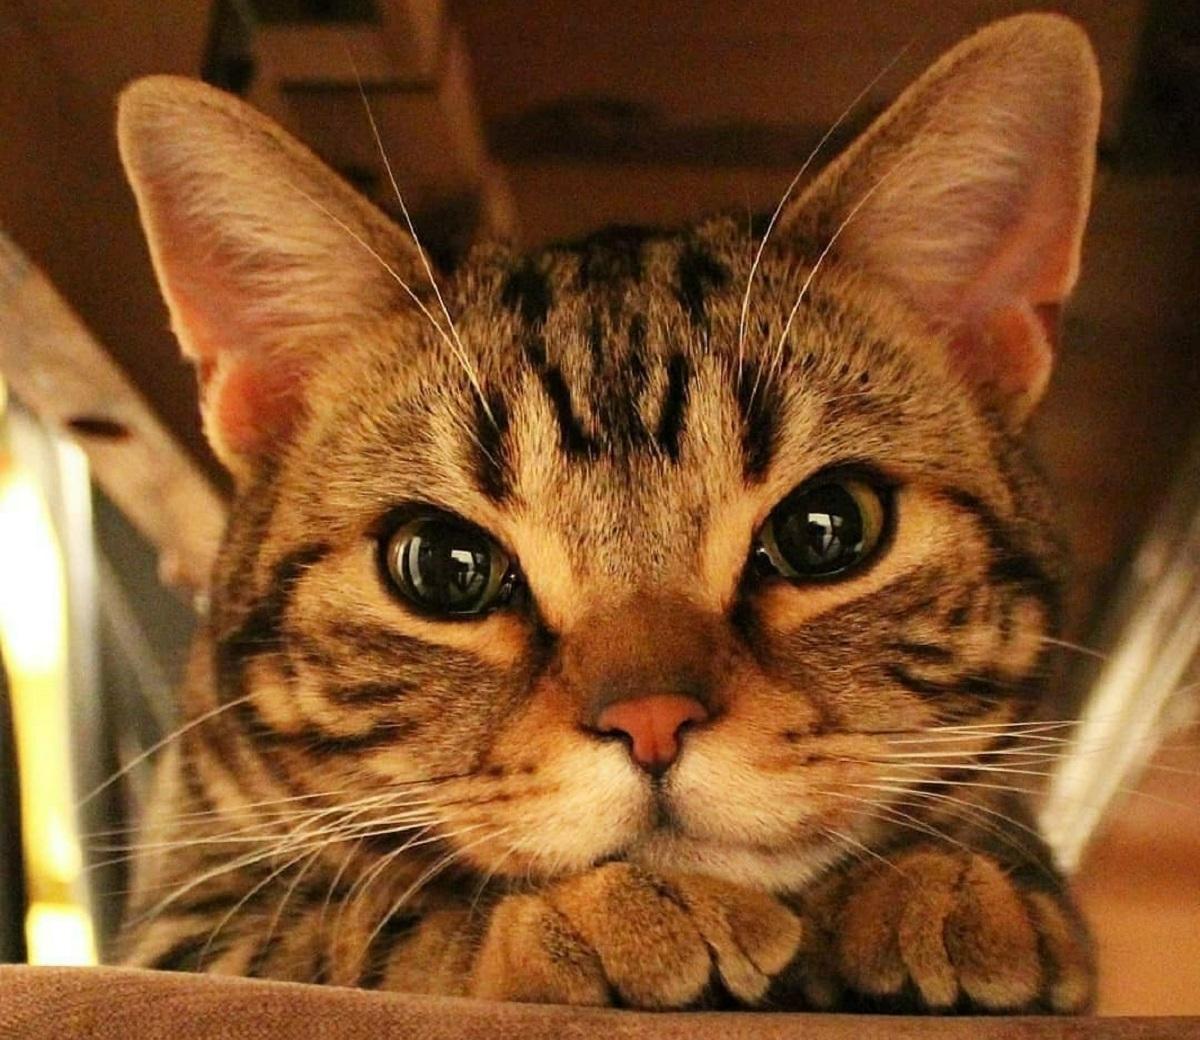 gattini sanno molto nostro comportamento